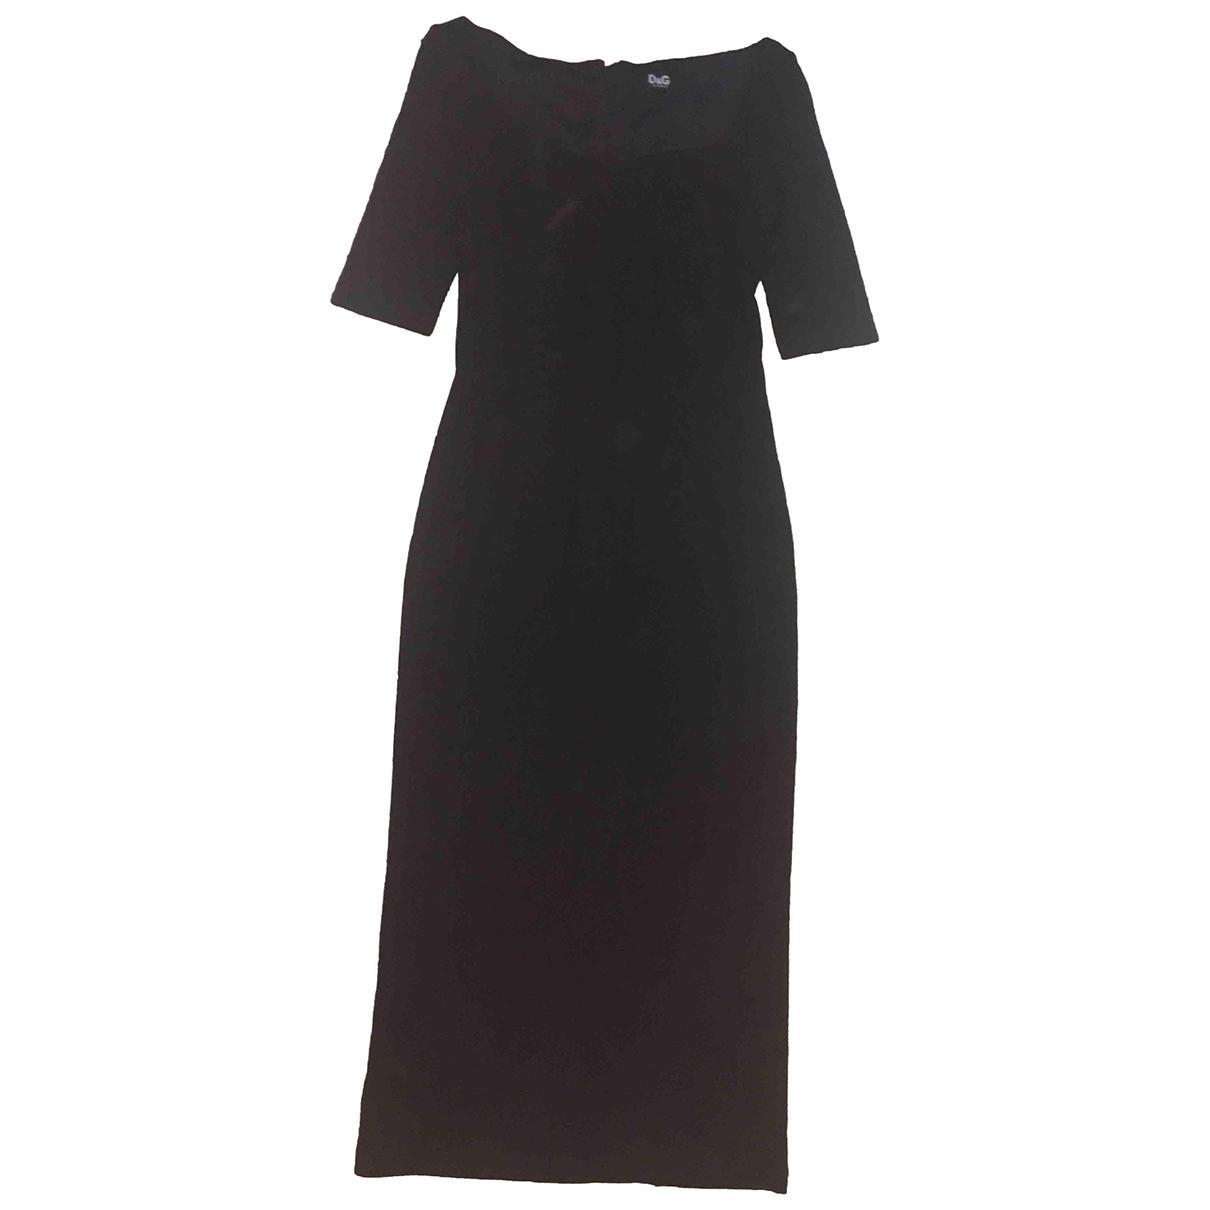 D&g \N Black Wool dress for Women 40 IT